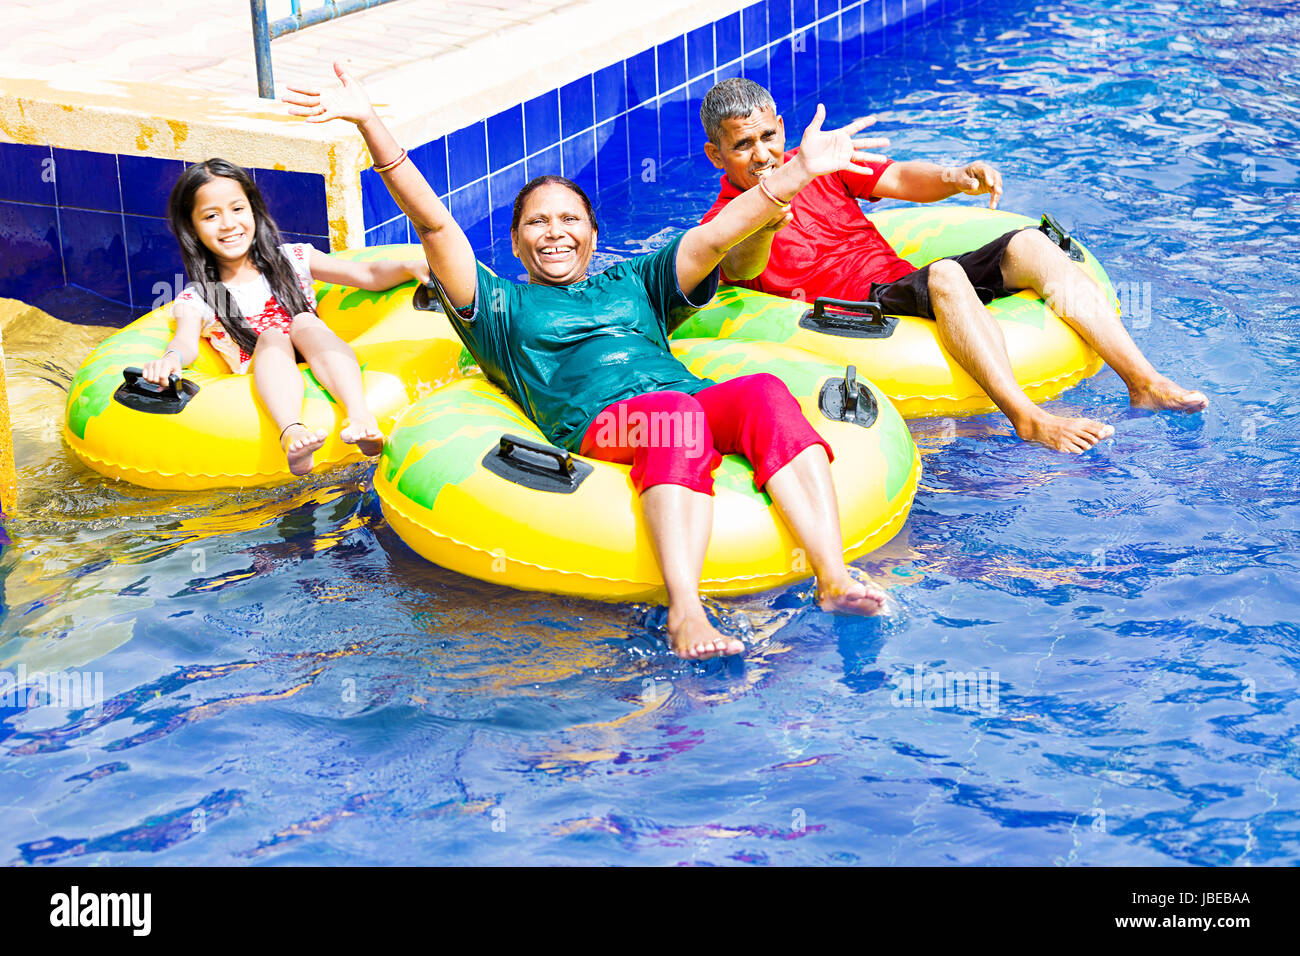 Grandparents Granddaughter Waterpark Swimming Pool Enjoy - Stock Image